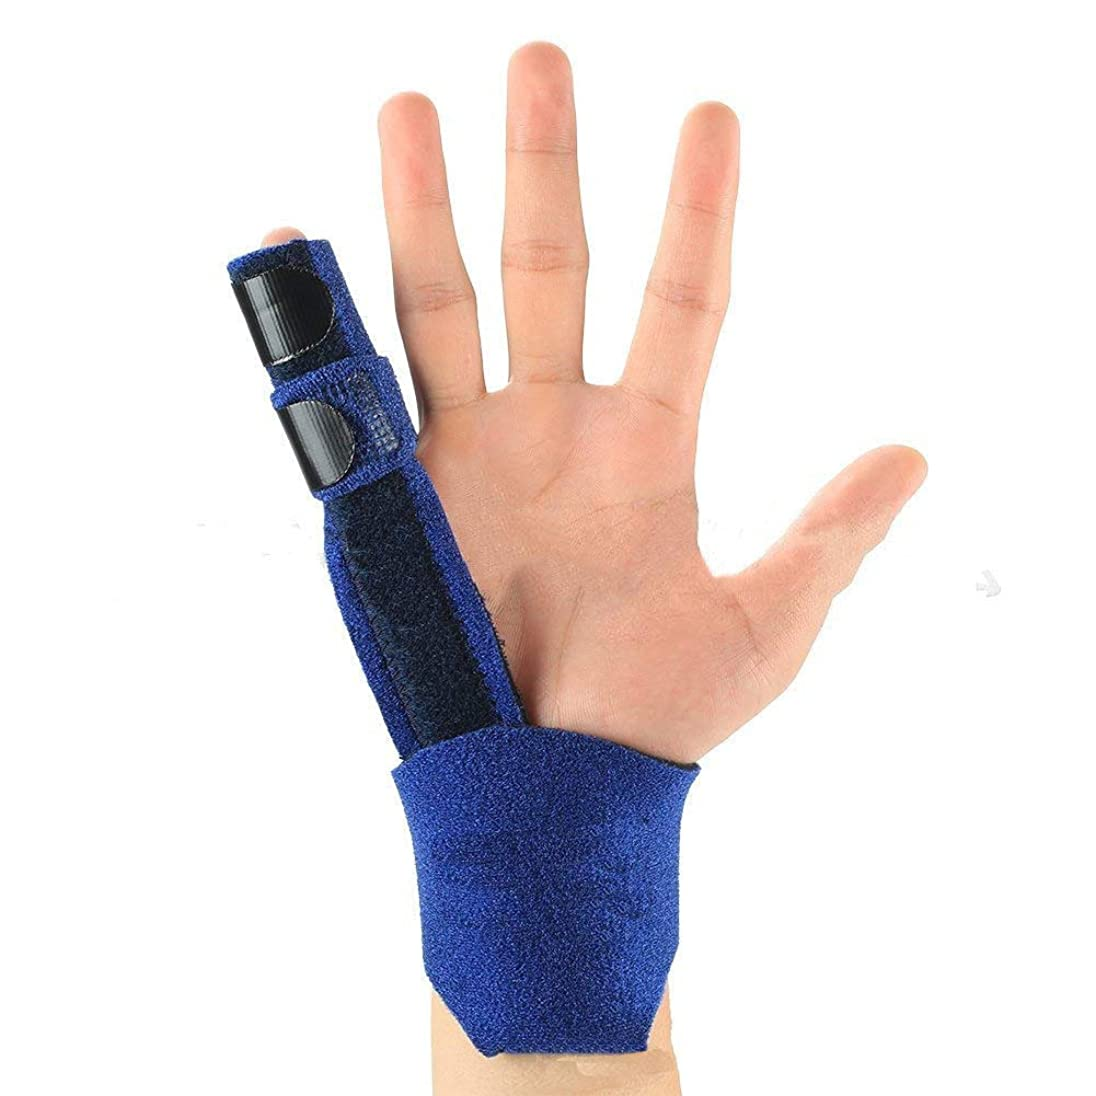 ソブリケット震えどこかNipit 子供の指しゃぶり防止?指しゃぶりやめさせるバンド/ガード 安全で調節可能 【2-7歳】